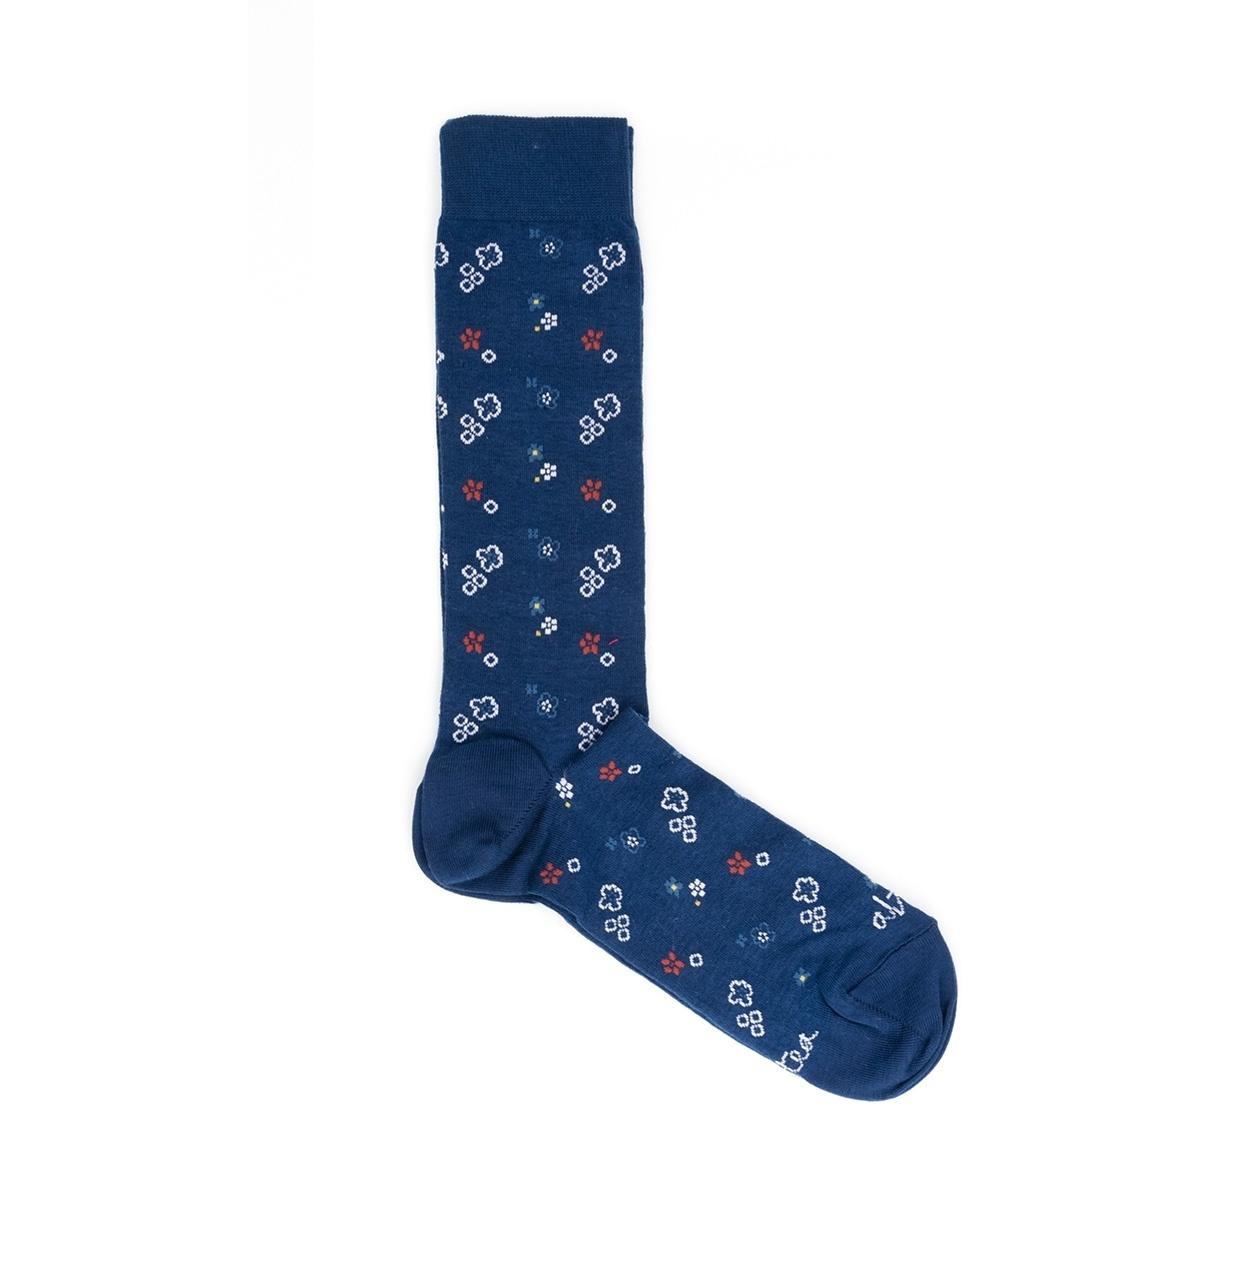 Calcetín con dibujos florales color azul, 100% Algodón.